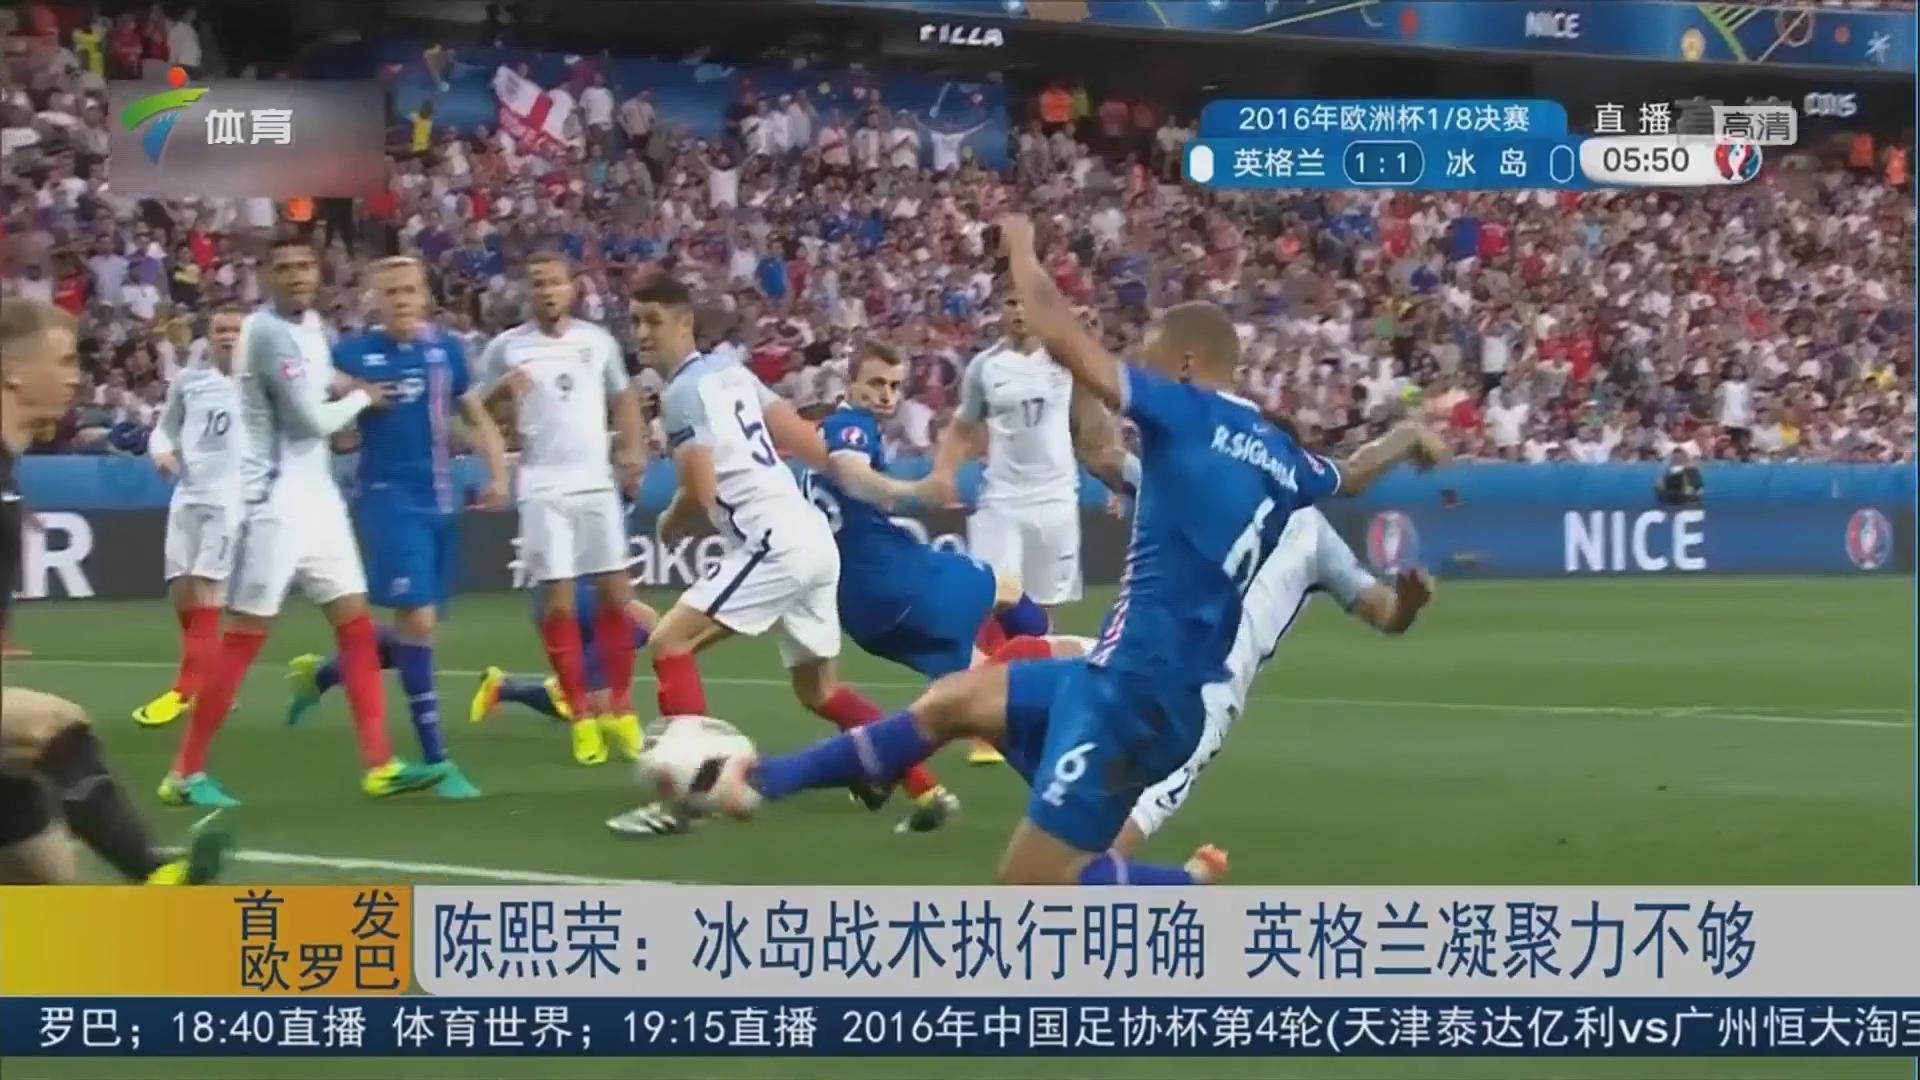 陈熙荣:意大利攻守兼备 赢西班牙并不意外